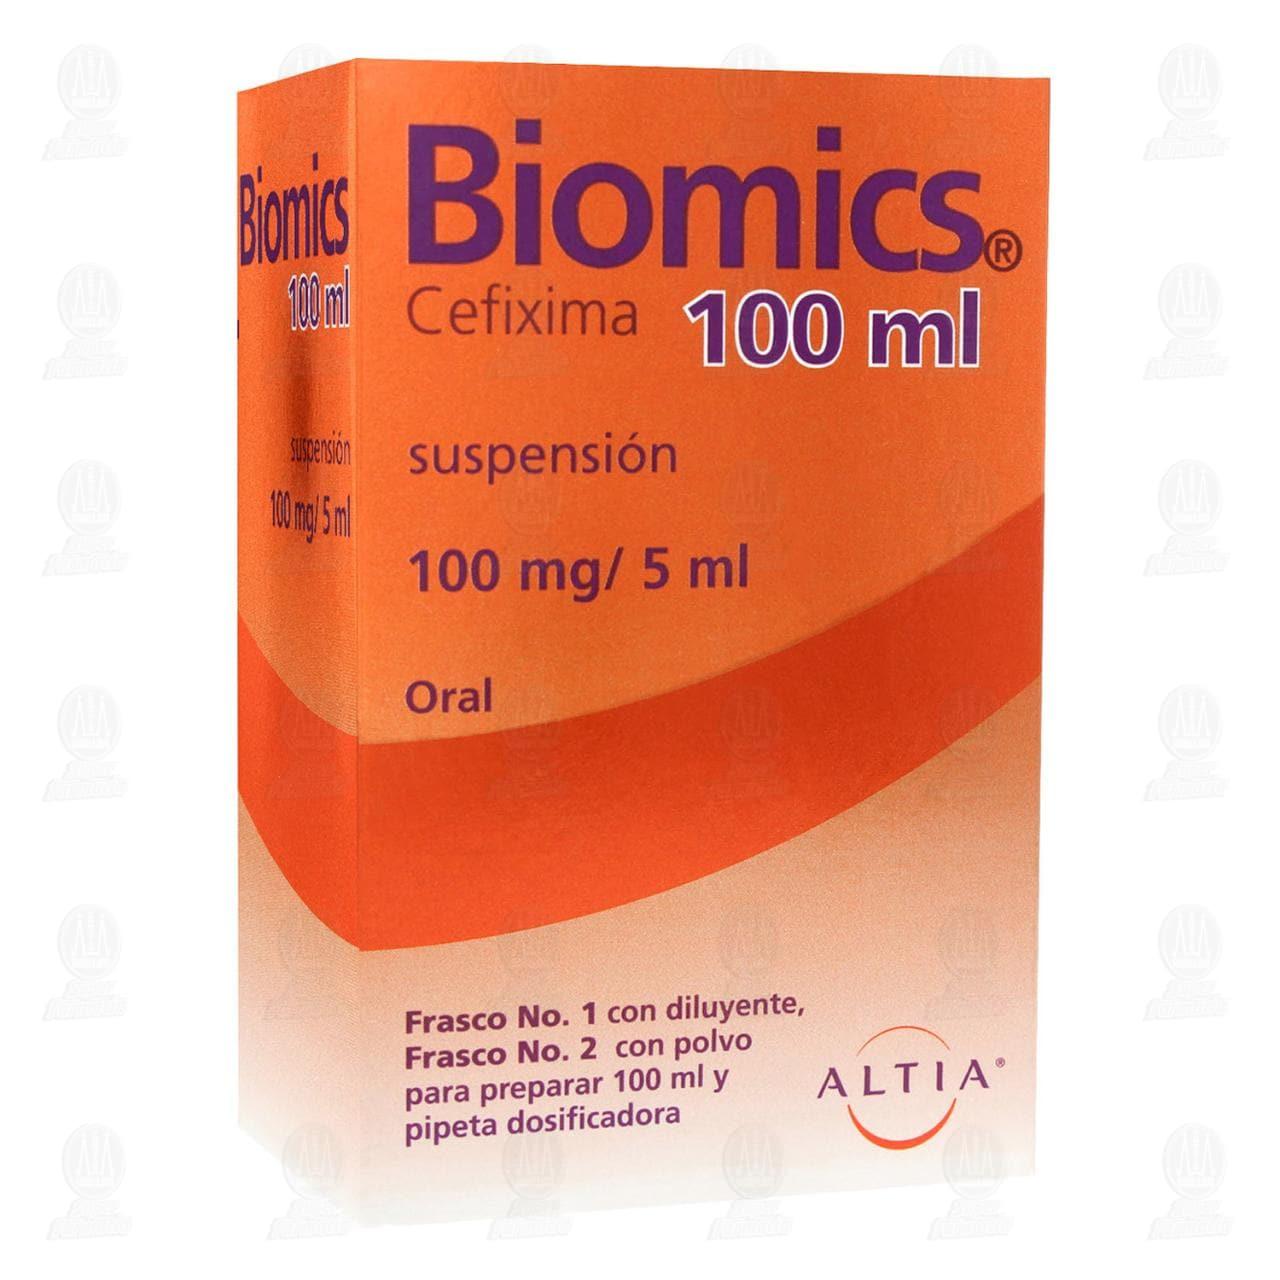 Comprar Biomics 100mg/5ml 100ml Suspensión en Farmacias Guadalajara